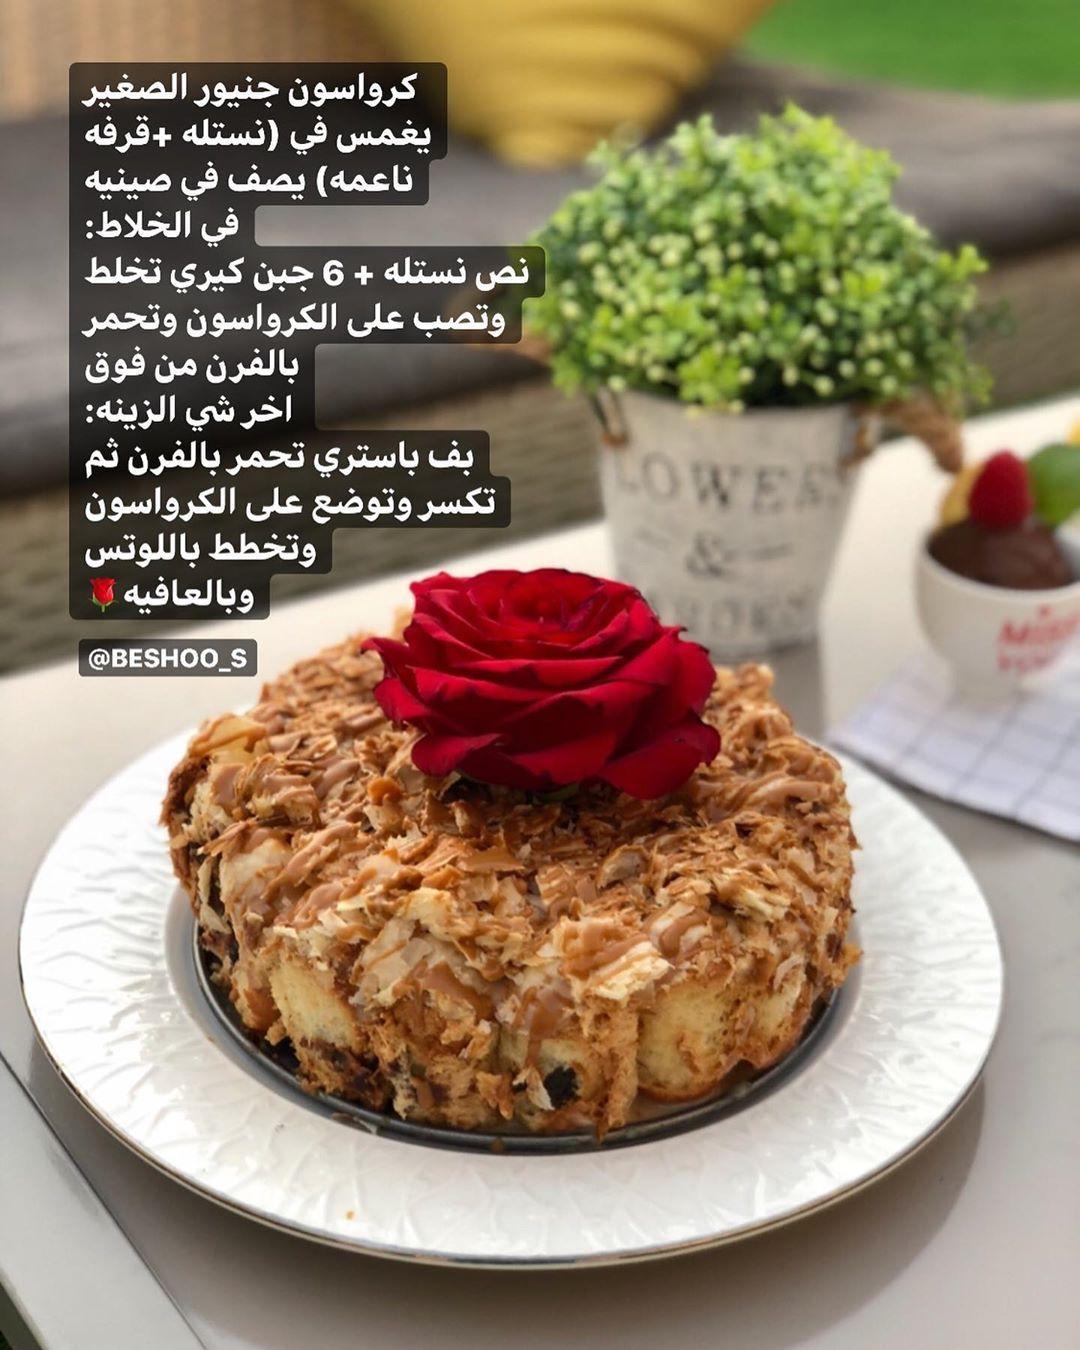 كيكة الكروسون Yummy Food Dessert Coffee Recipes Desserts